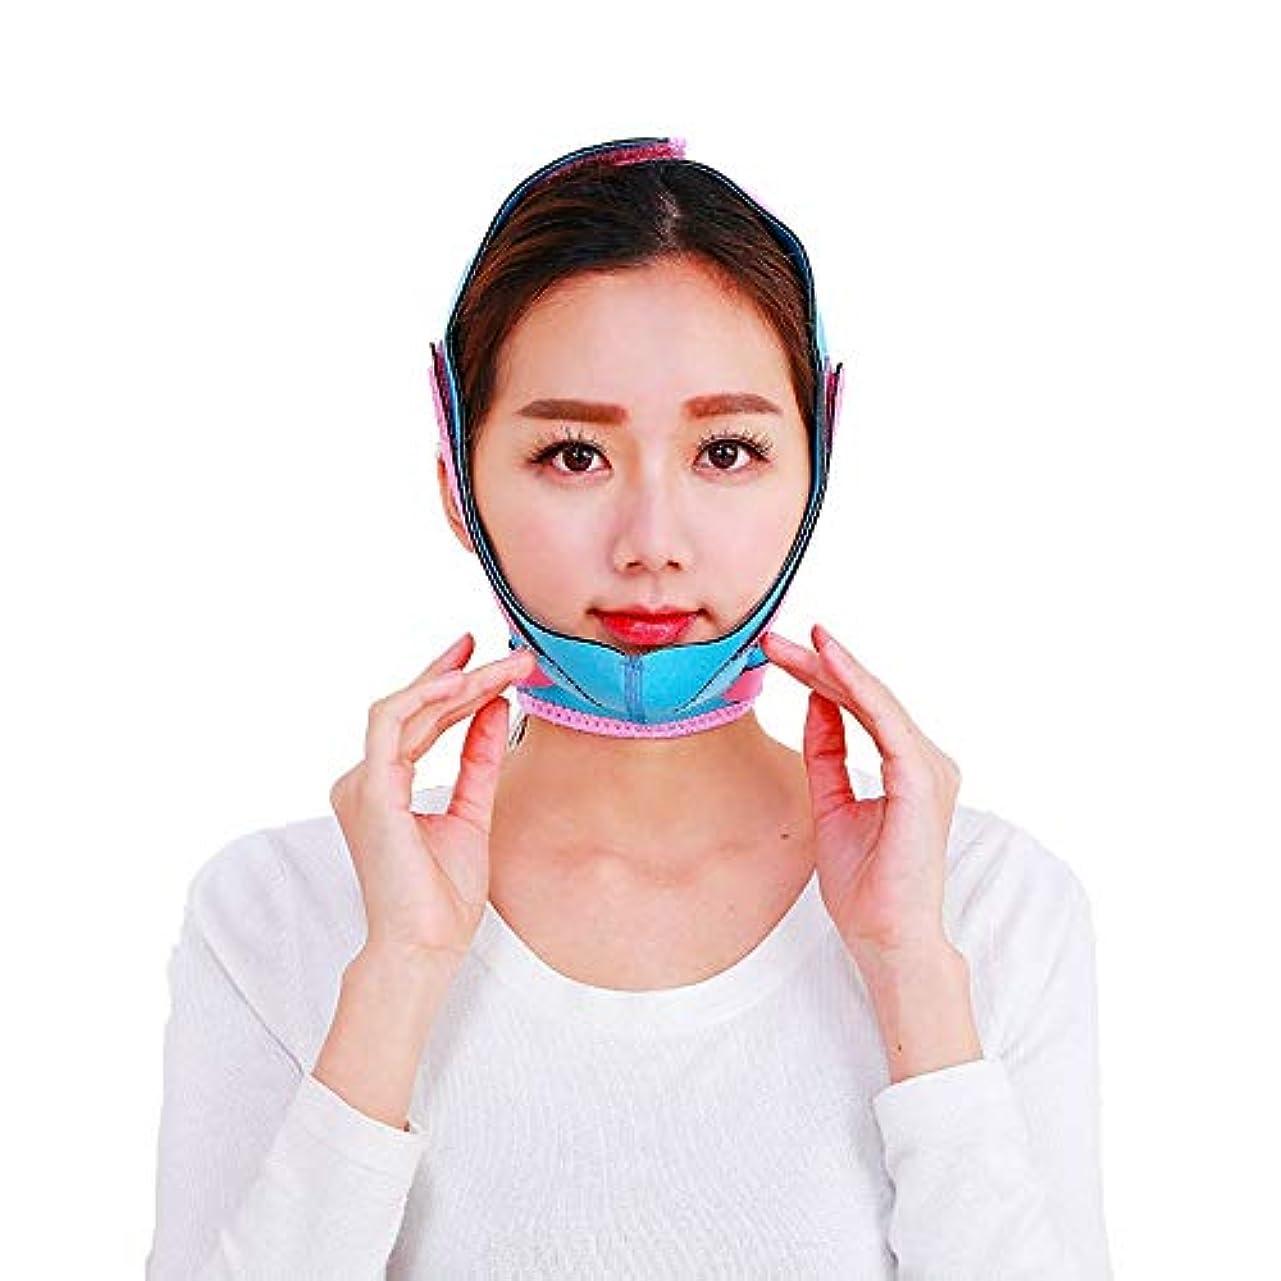 悲しむ頭痛装備するフェイスマスクマスクスリムマスクリフティングコンターリリーフドループマッスル引き締め肌弾性Vフェイス包帯